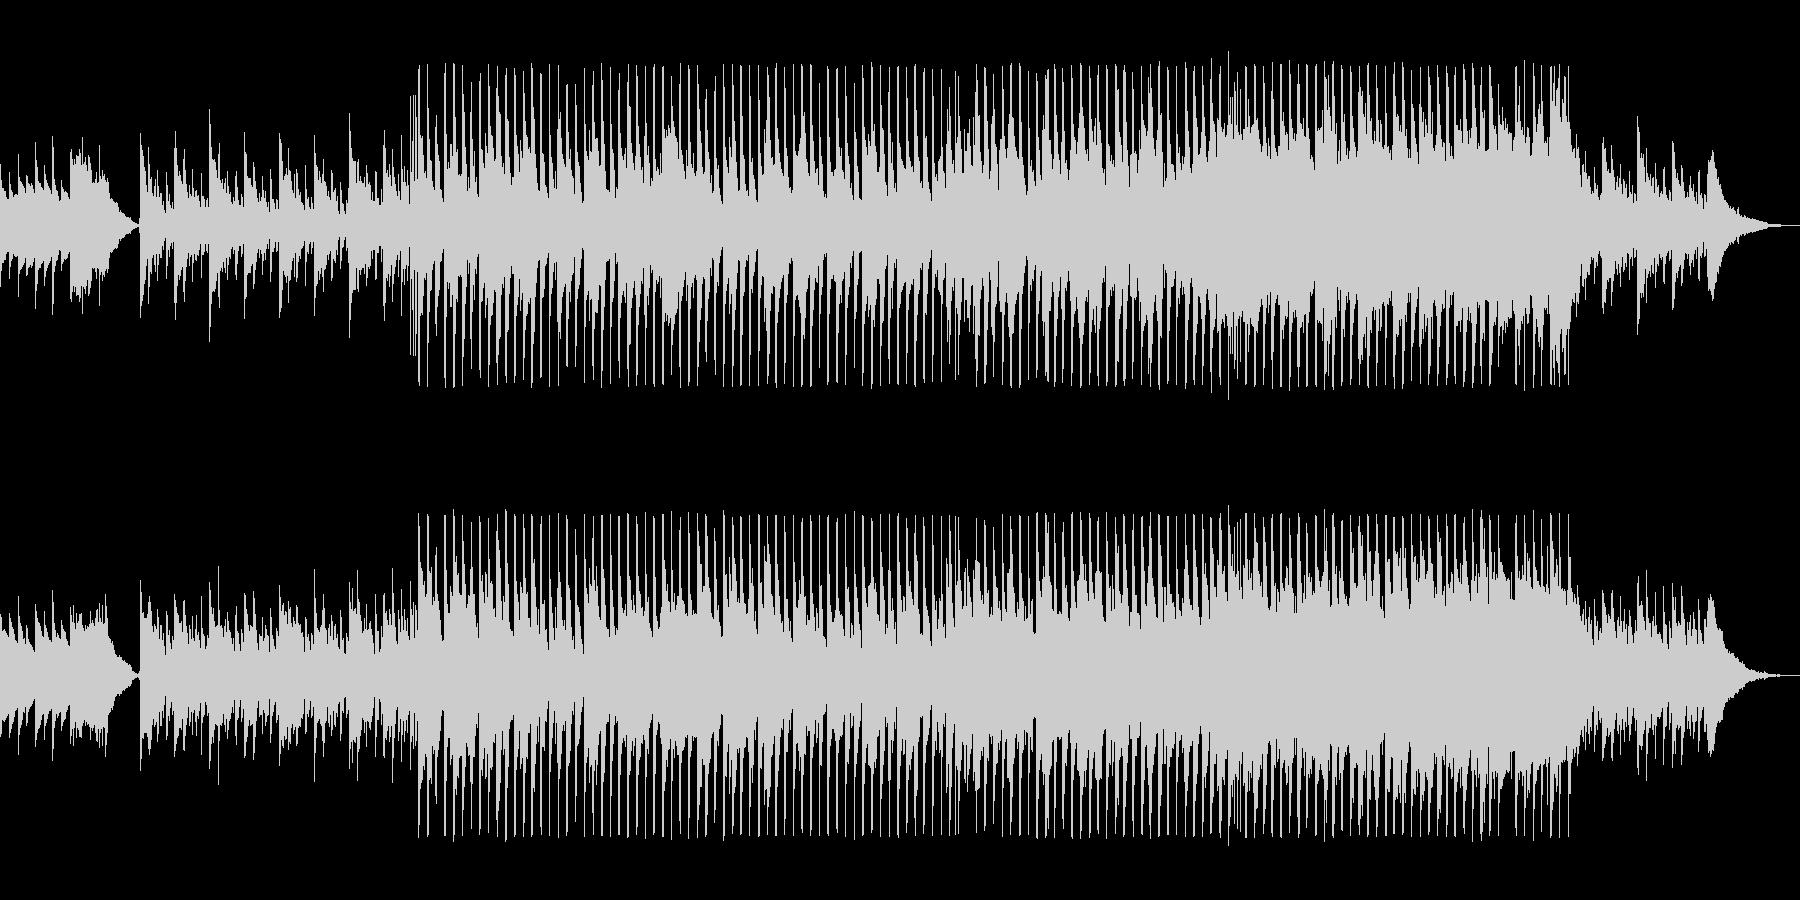 映像に合うかわいいクリスマスBGMの未再生の波形